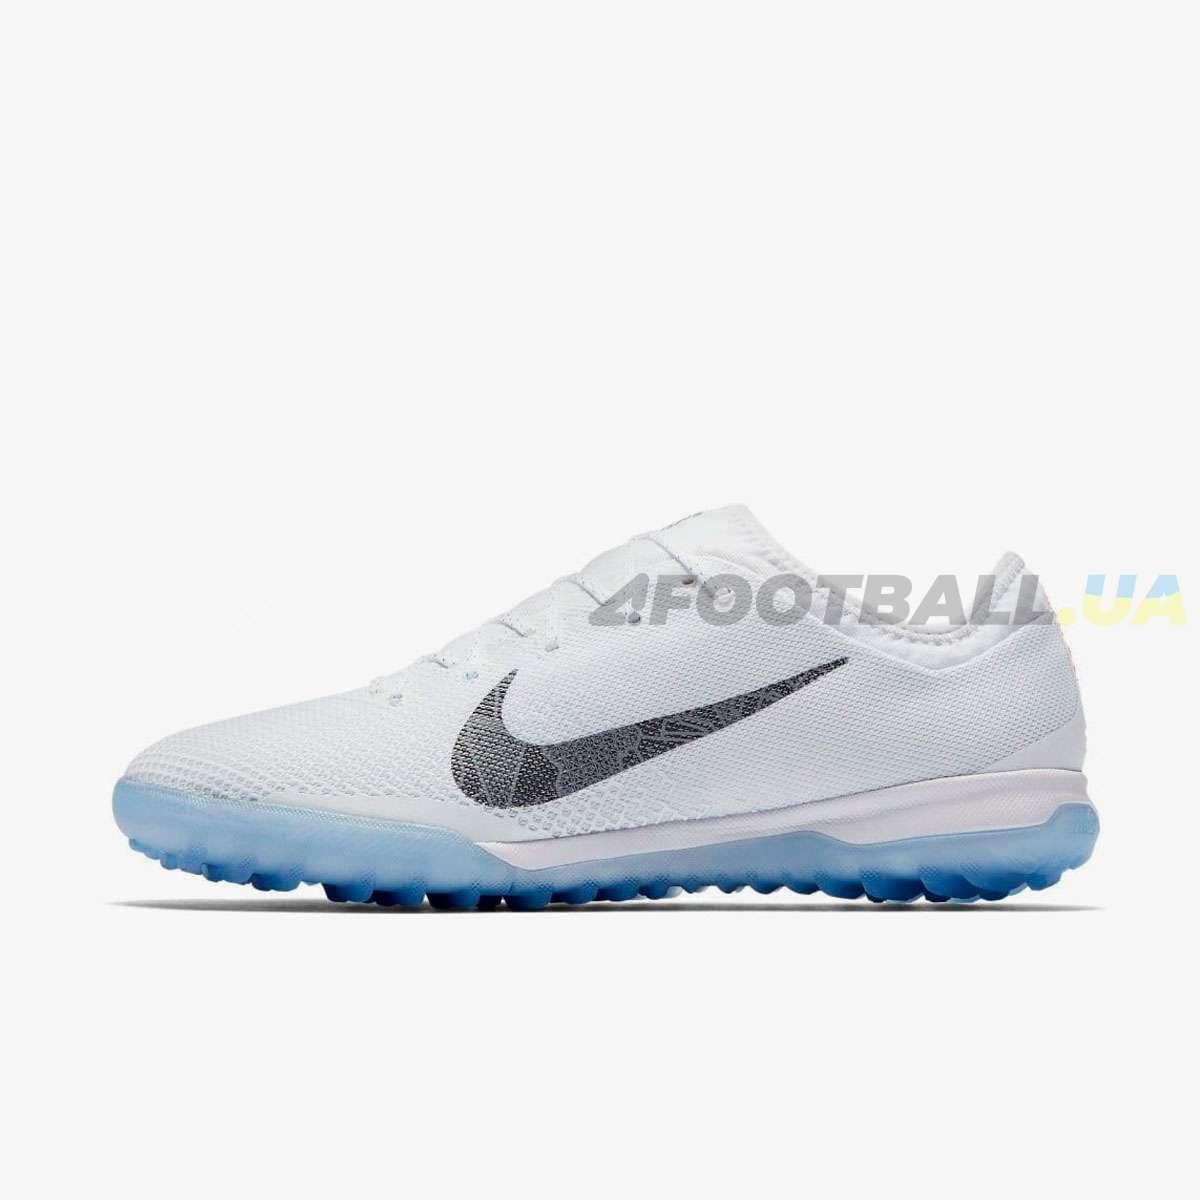 c11e0ff930d5 Сороконожки Nike Mercurial Vapor Pro AH7388-107 — купить в интернет ...